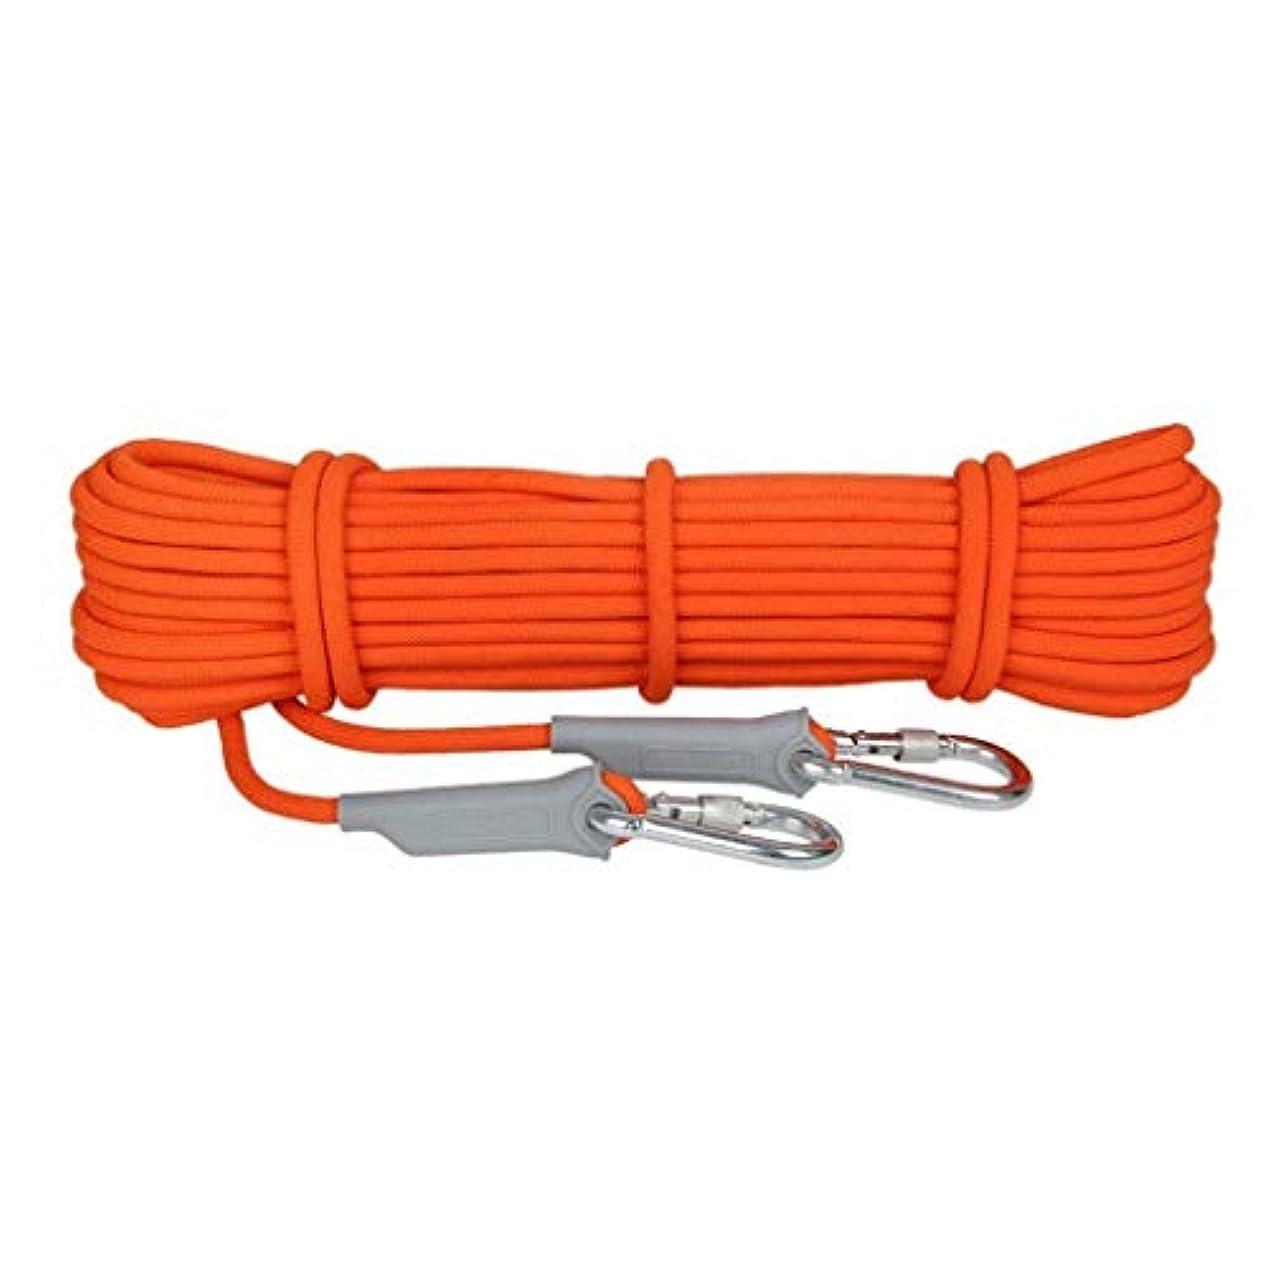 矢印帰る火山の登山ロープの家の火の緊急脱出ロープ、ハイキングの洞窟探検のキャンプの救助調査および工学保護のための多機能のコードの安全ロープ。 (Color : 8.5mm, Size : 15m)